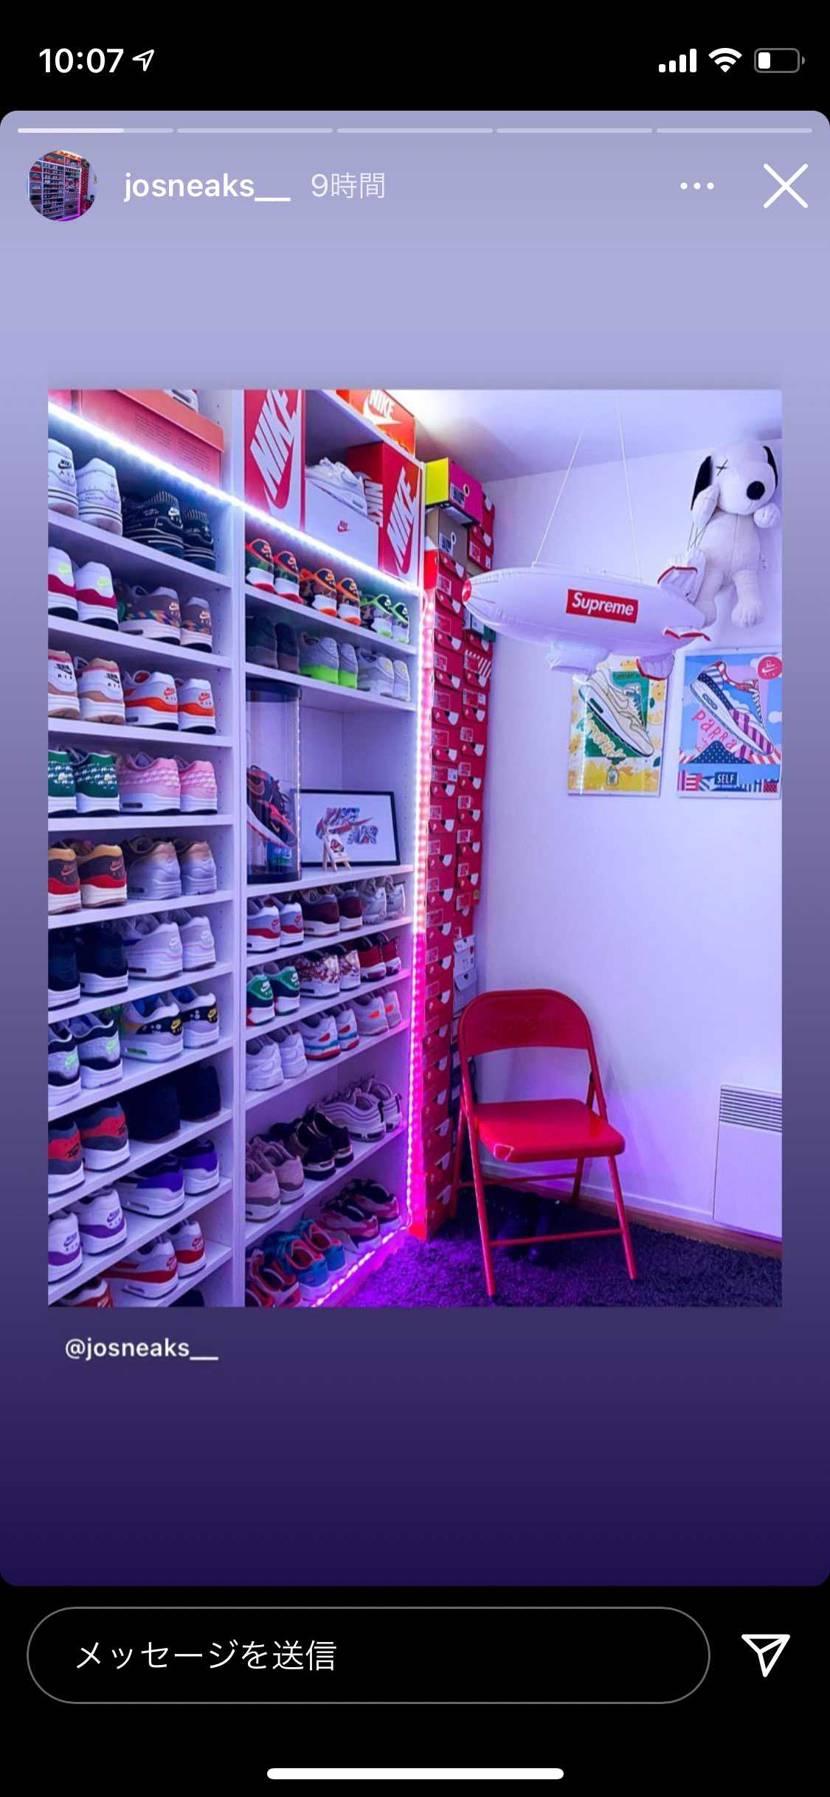 こういう感じのスニーカー飾れる棚で、良さげなやつありますか??